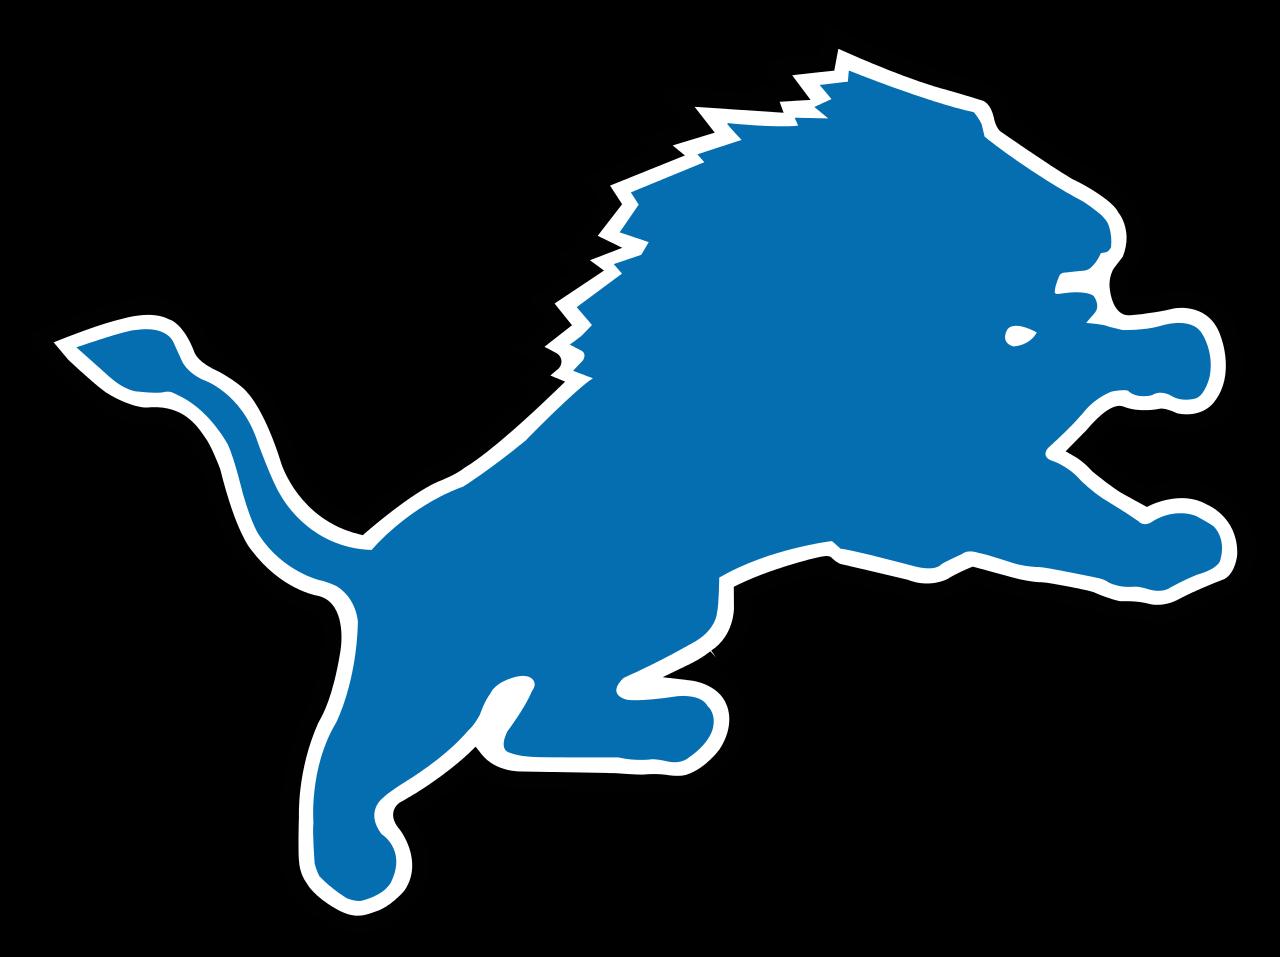 Detroit Lions Logo PNG - 32524